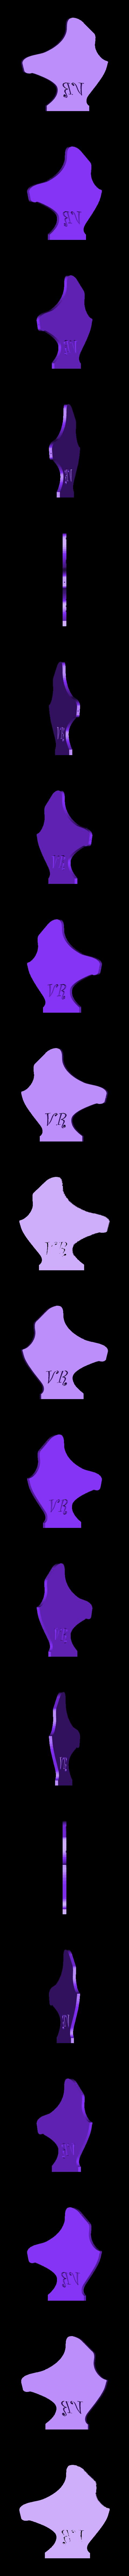 Face01.STL Download STL file VR Helmet • 3D printing design, Chris48